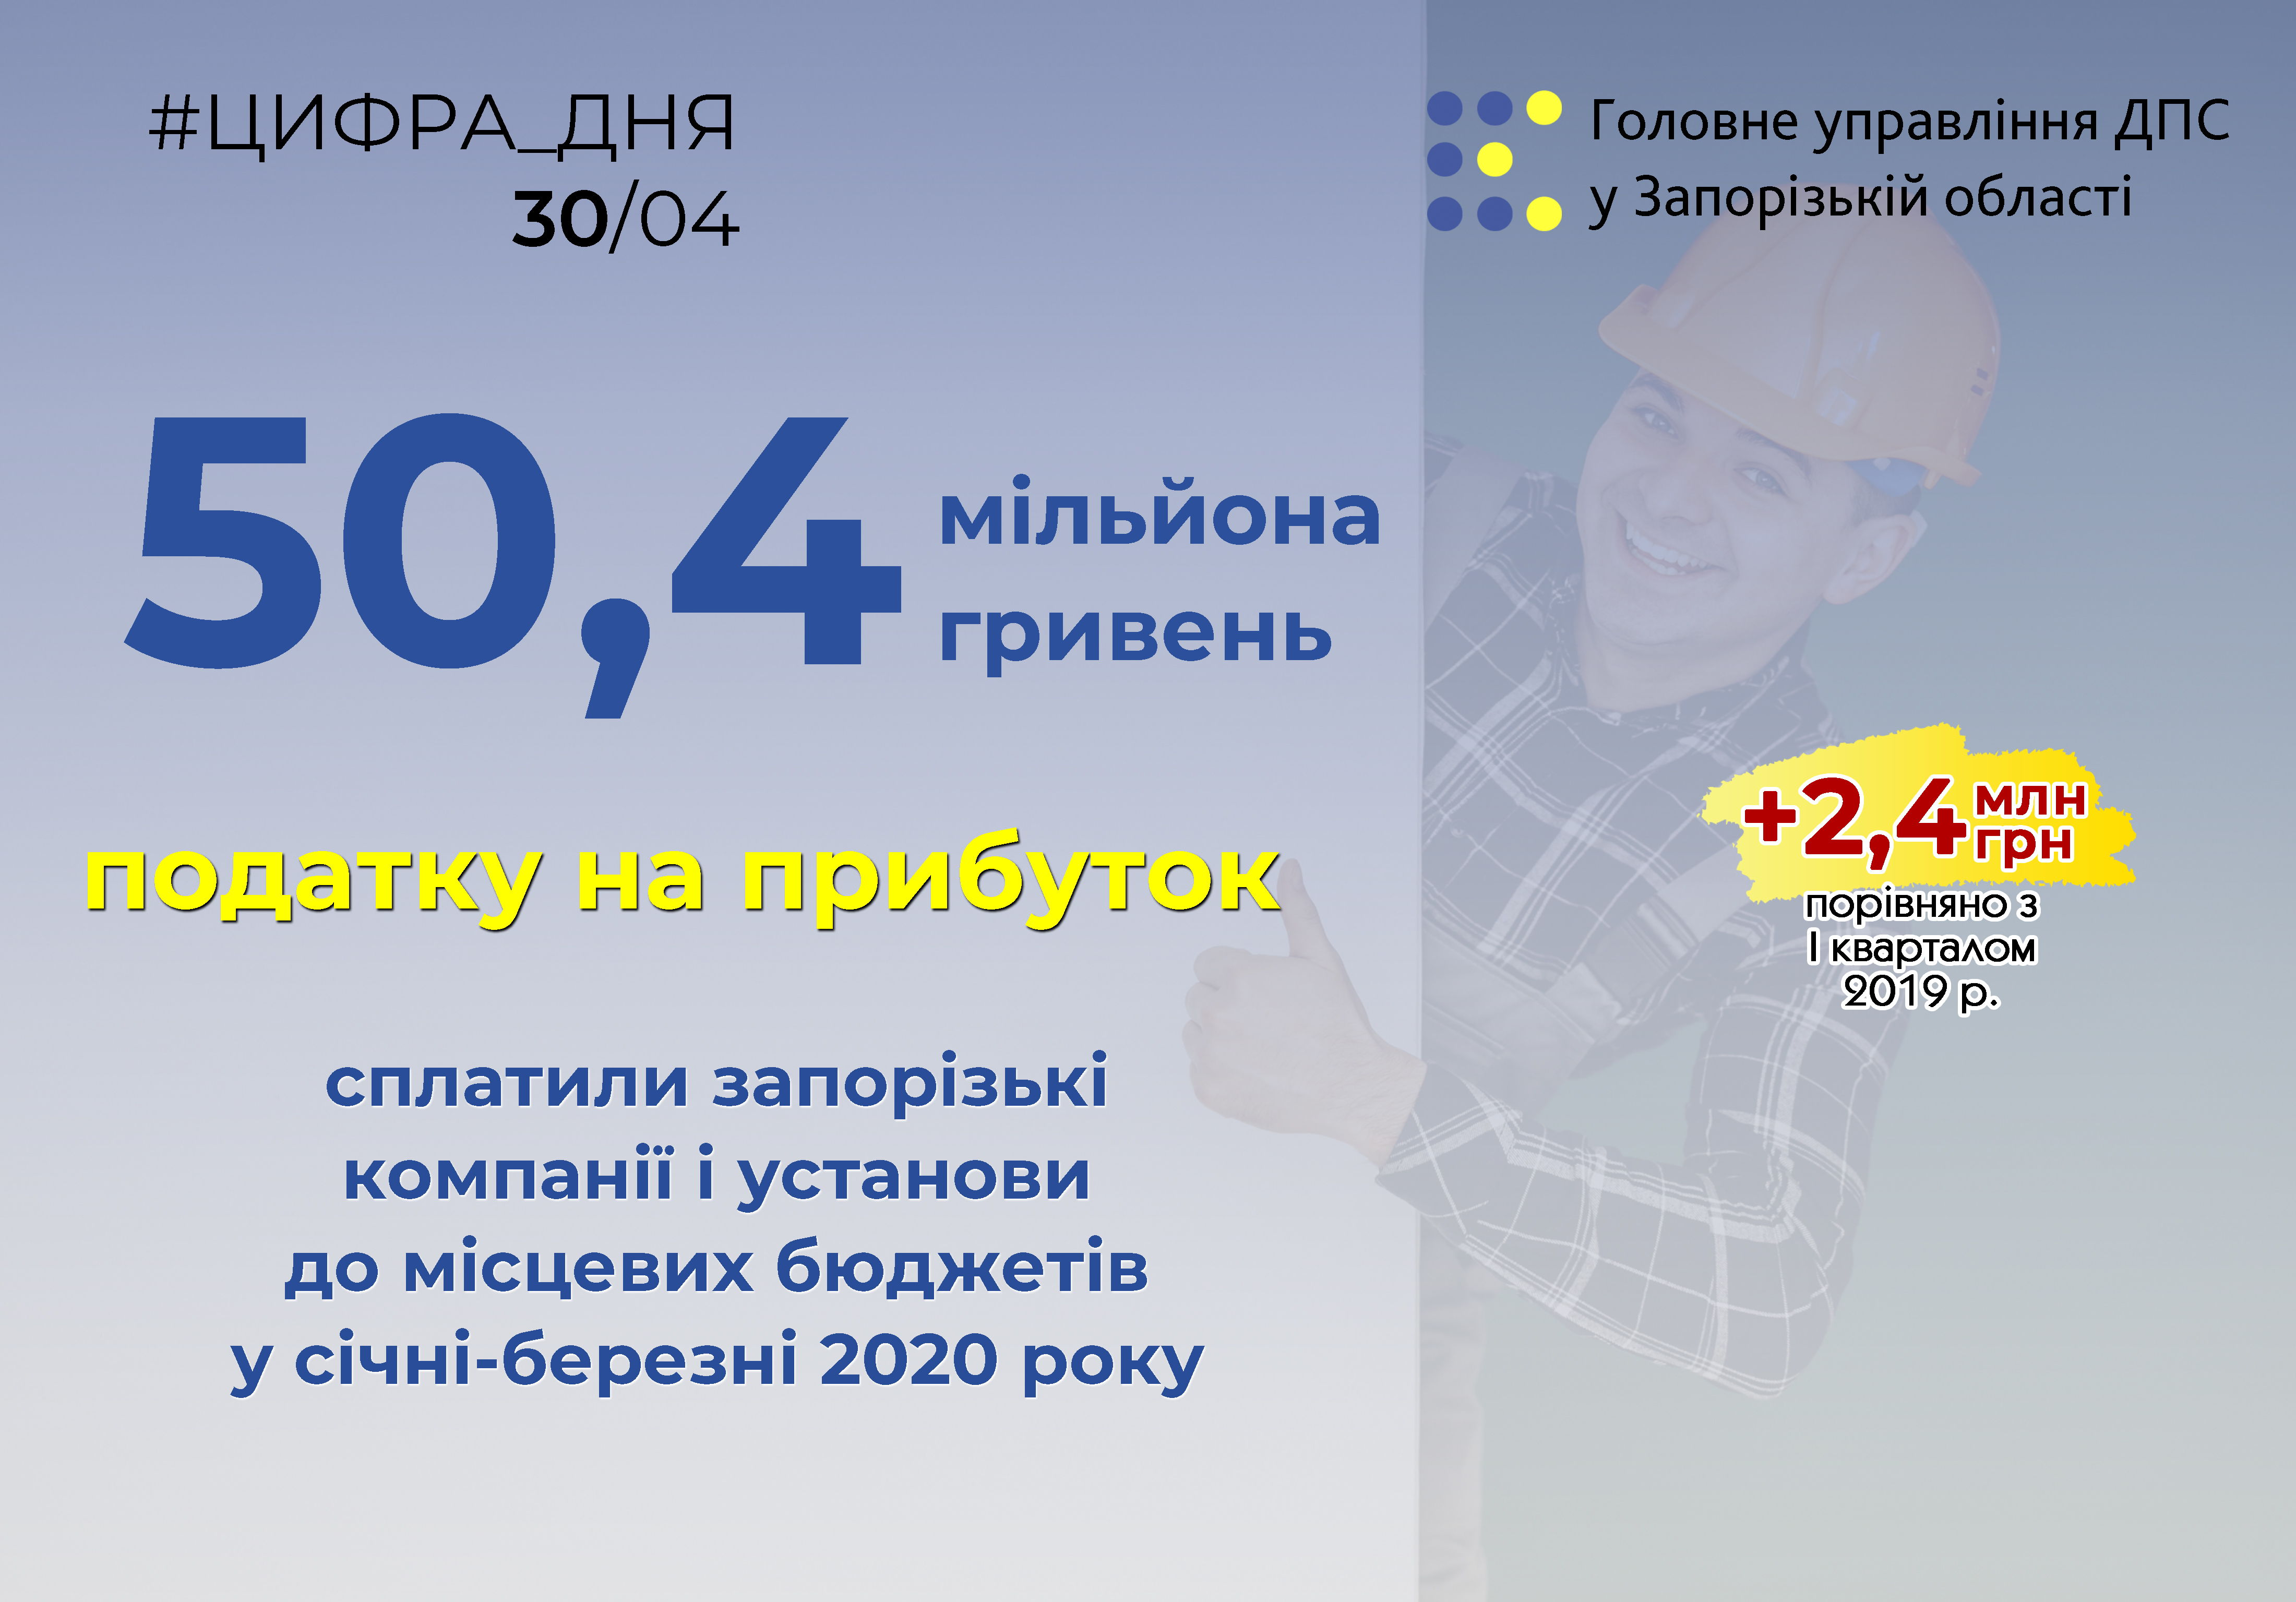 Запорізькі підприємства і установи сплатили до місцевих бюджетів понад 50 мільйонів гривень податку на прибуток